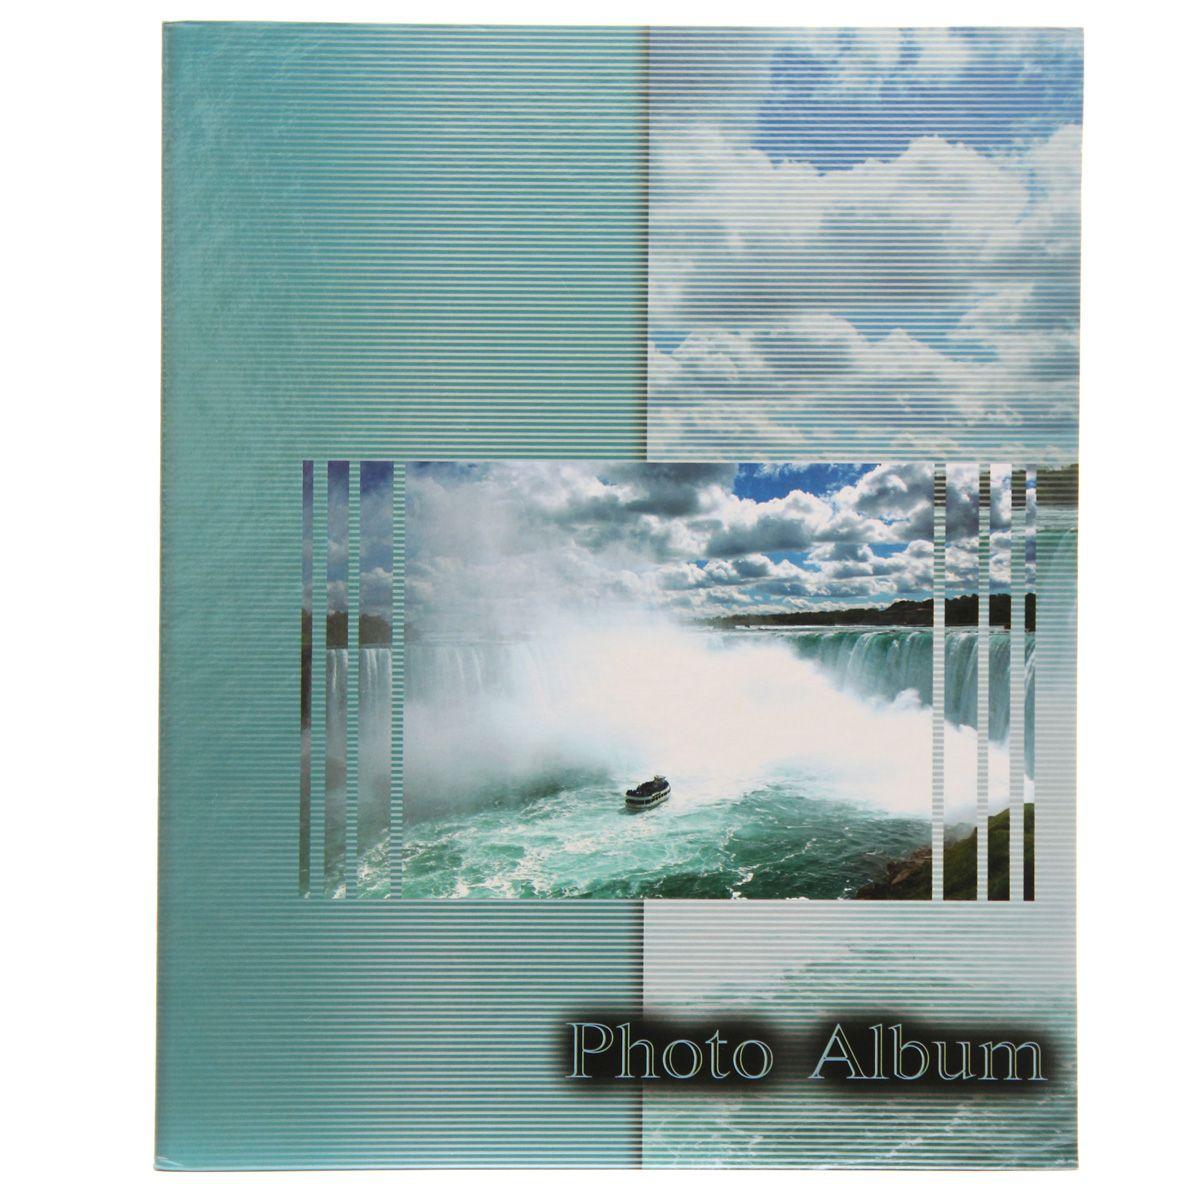 Фотоальбом Pioneer Waterfalls, 200 фотографий, 10 х 15 см, цвет: голубой46528 AV46200Фотоальбом Pioneer Waterfalls поможет красиво оформить ваши самые интересныефотографии. Обложка из толстого картона оформлена оригинальным принтом. Фотоальбом рассчитан на 200 фотографий форматом 10 x 15 см. Внутри содержится блок из 50 листов с окошками из полипропилена, одна страница оформлена двумя окошками для фотографий. Такой необычный фотоальбом позволит легко заполнить страницы вашей истории, и с годами ничего не забудется.Тип обложки: картон.Тип листов: полипропиленовые.Тип переплета: высокочастотная сварка. Материалы, использованные в изготовлении альбома, обеспечивают высокое качество хранения ваших фотографий, поэтому фотографии не желтеют со временем.